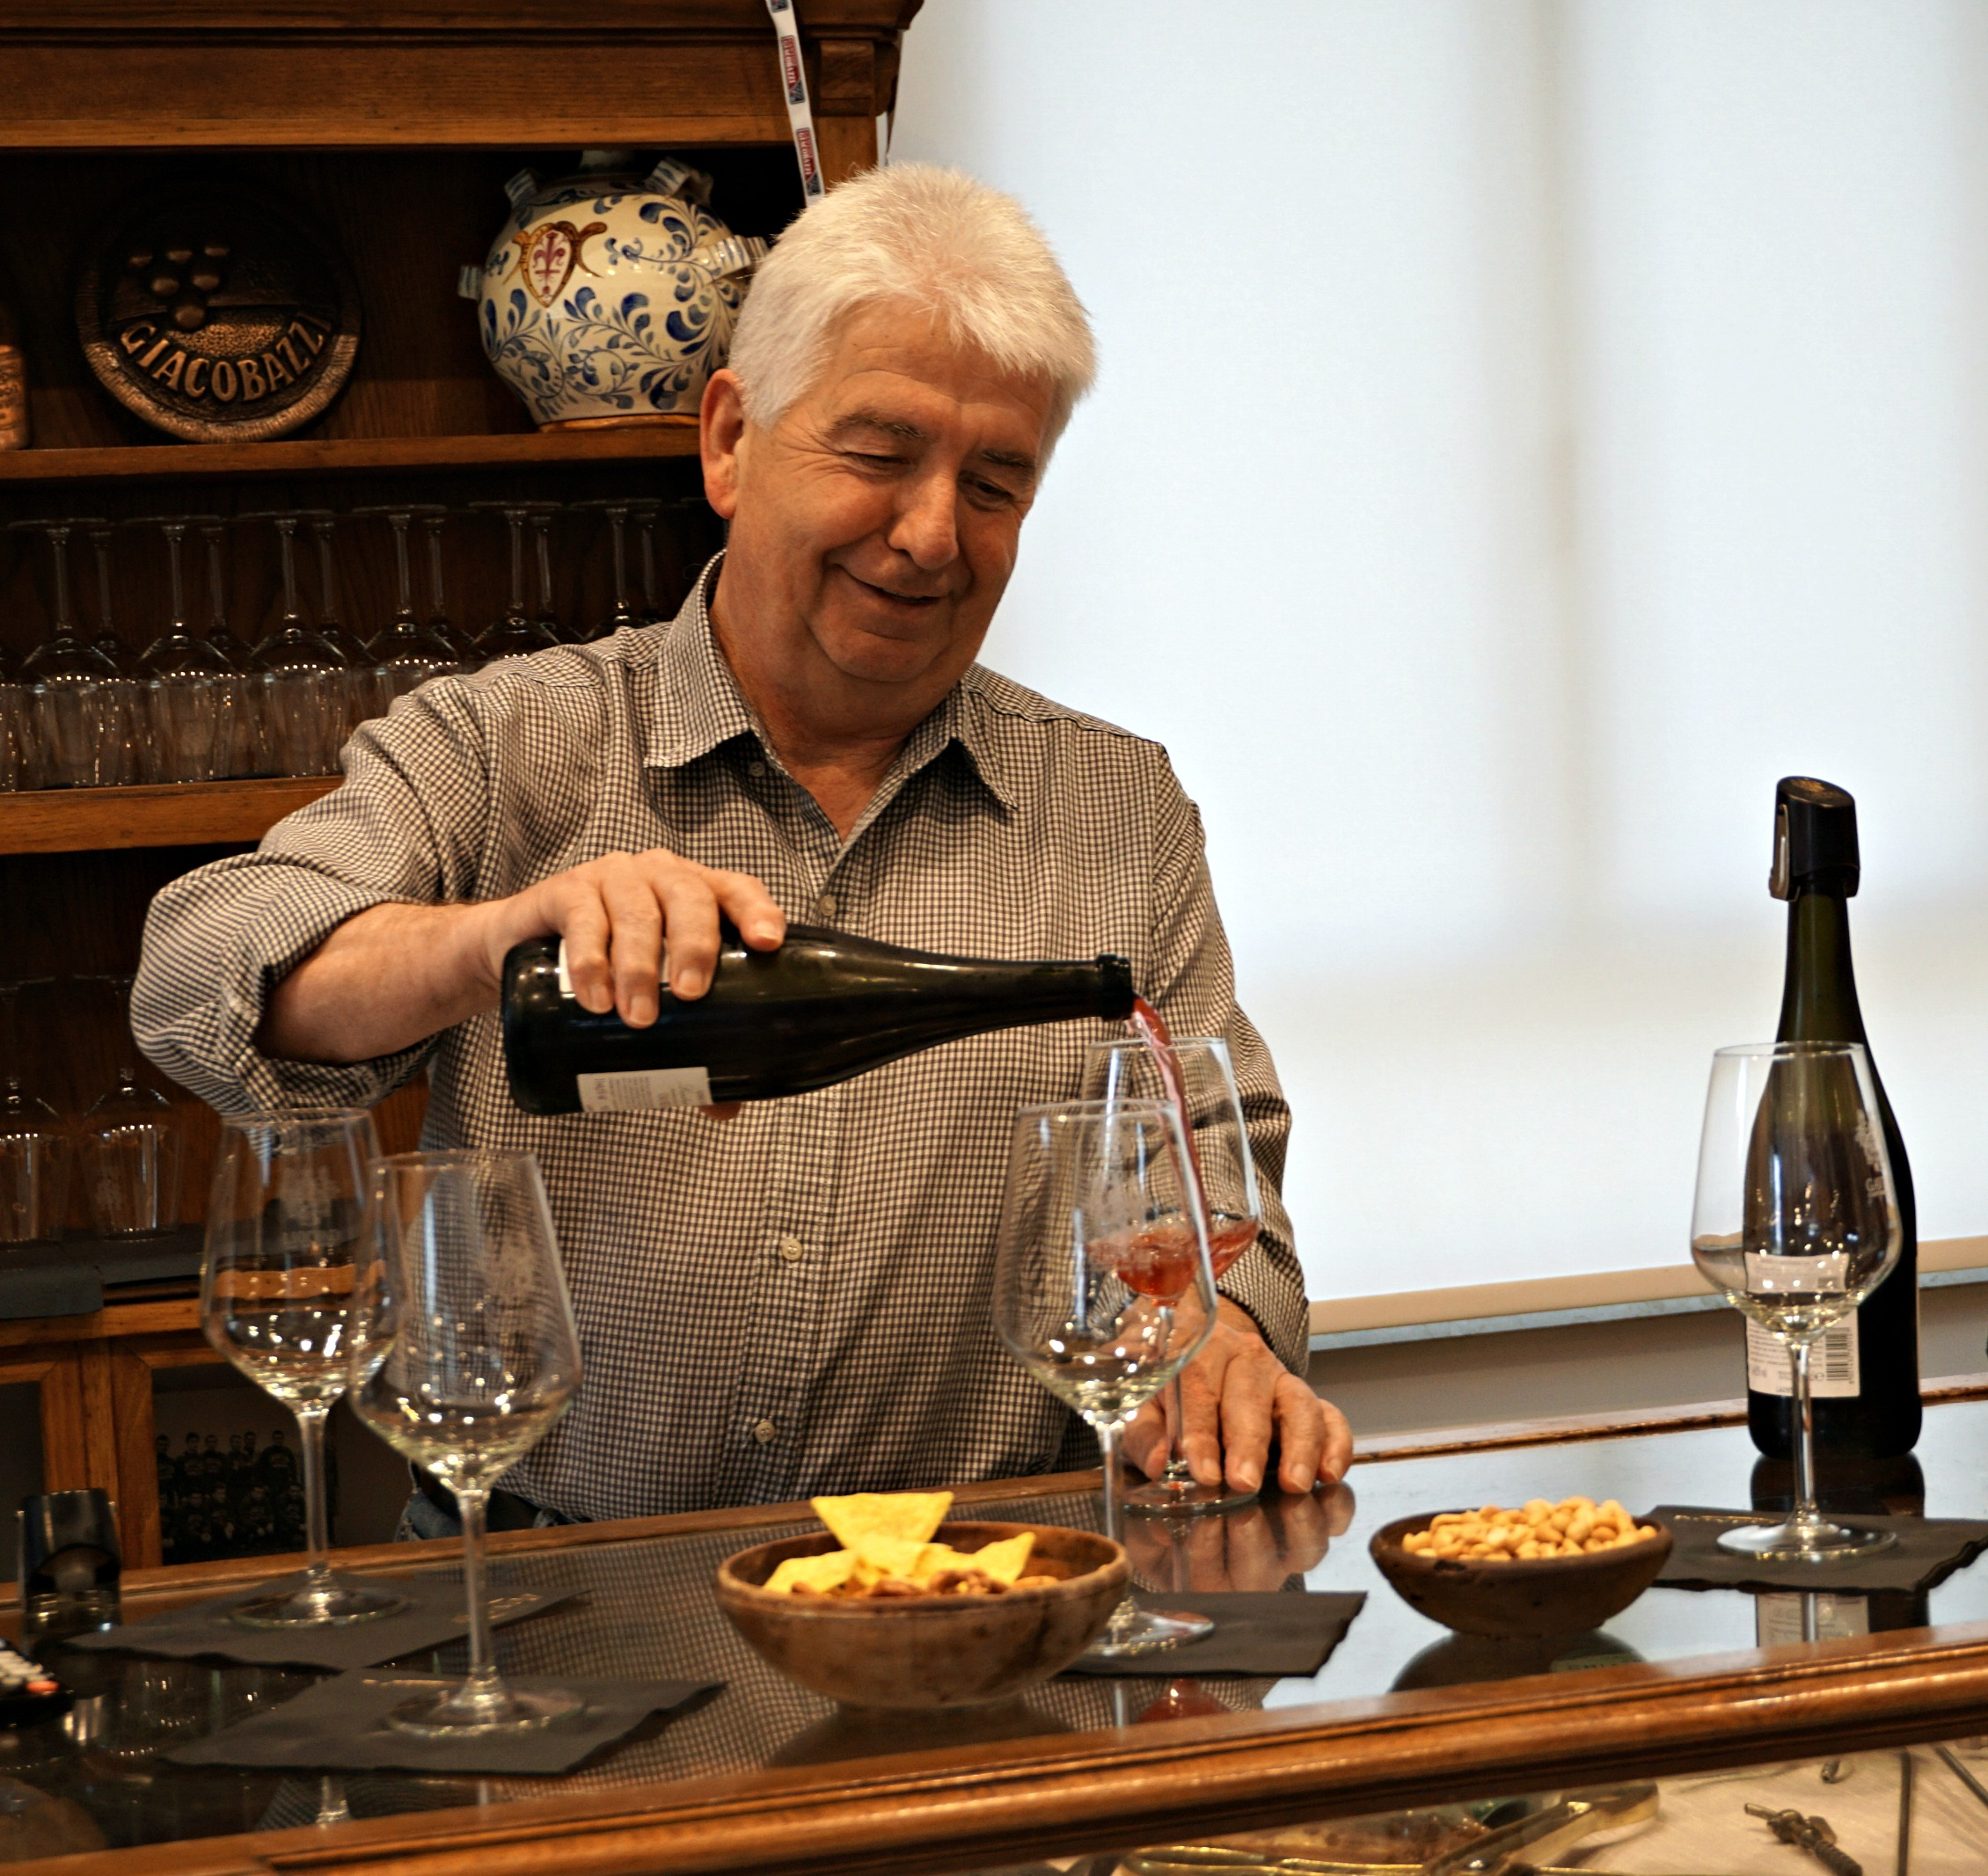 Wine Tasting in Modena Italy